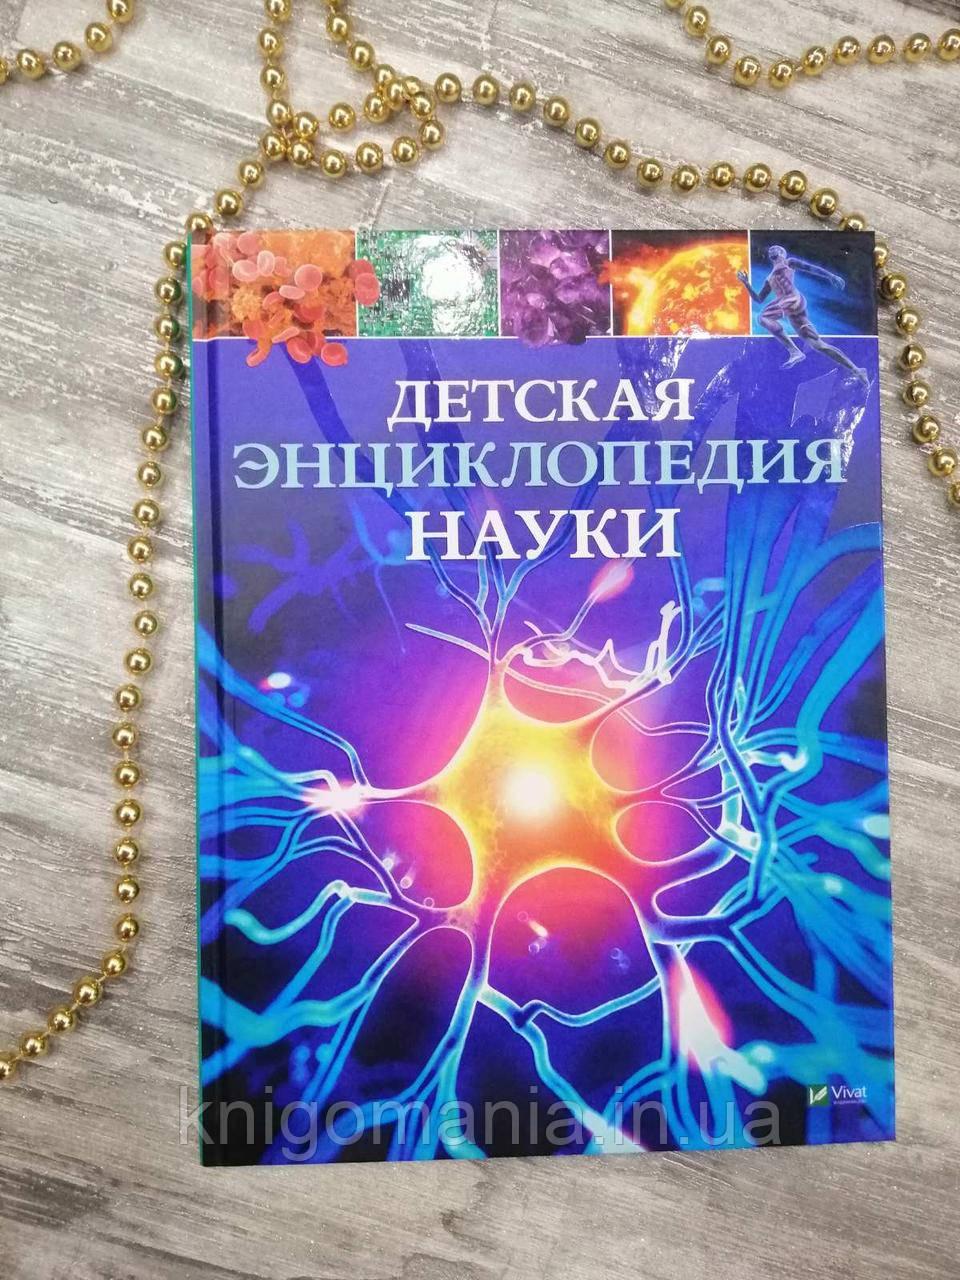 Детская энциклопедия науки. Спэрроу Джайлс